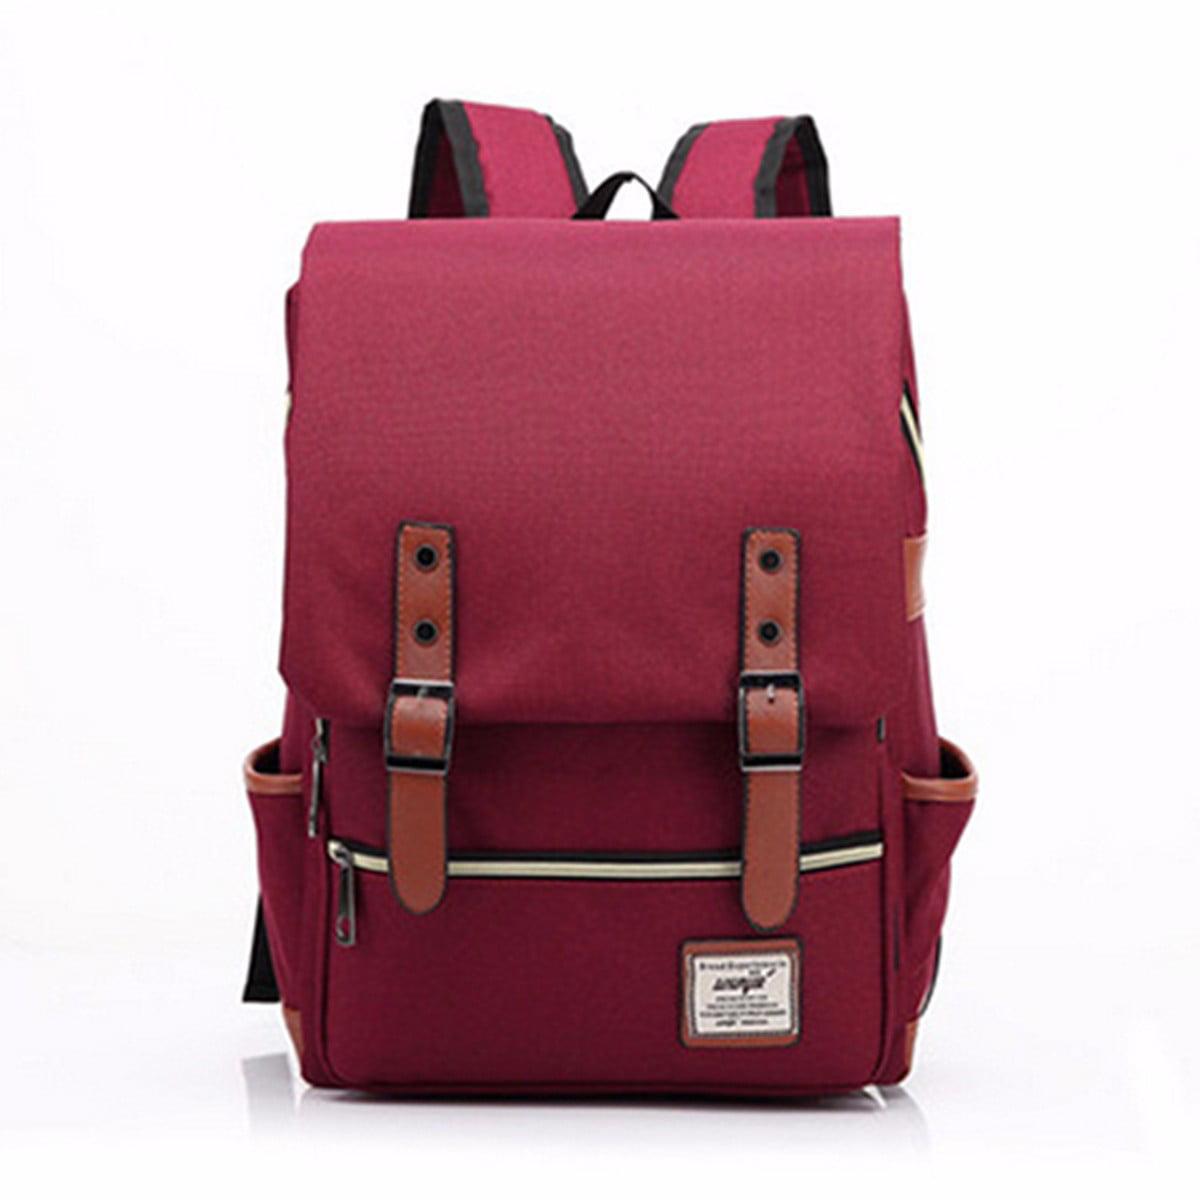 bf2e4c4d1 Meigar - Fashion Unisex School Backpacks for Adults Travel Laptop Bookbag  Satchel Rucksack Shoulder Bag - Walmart.com